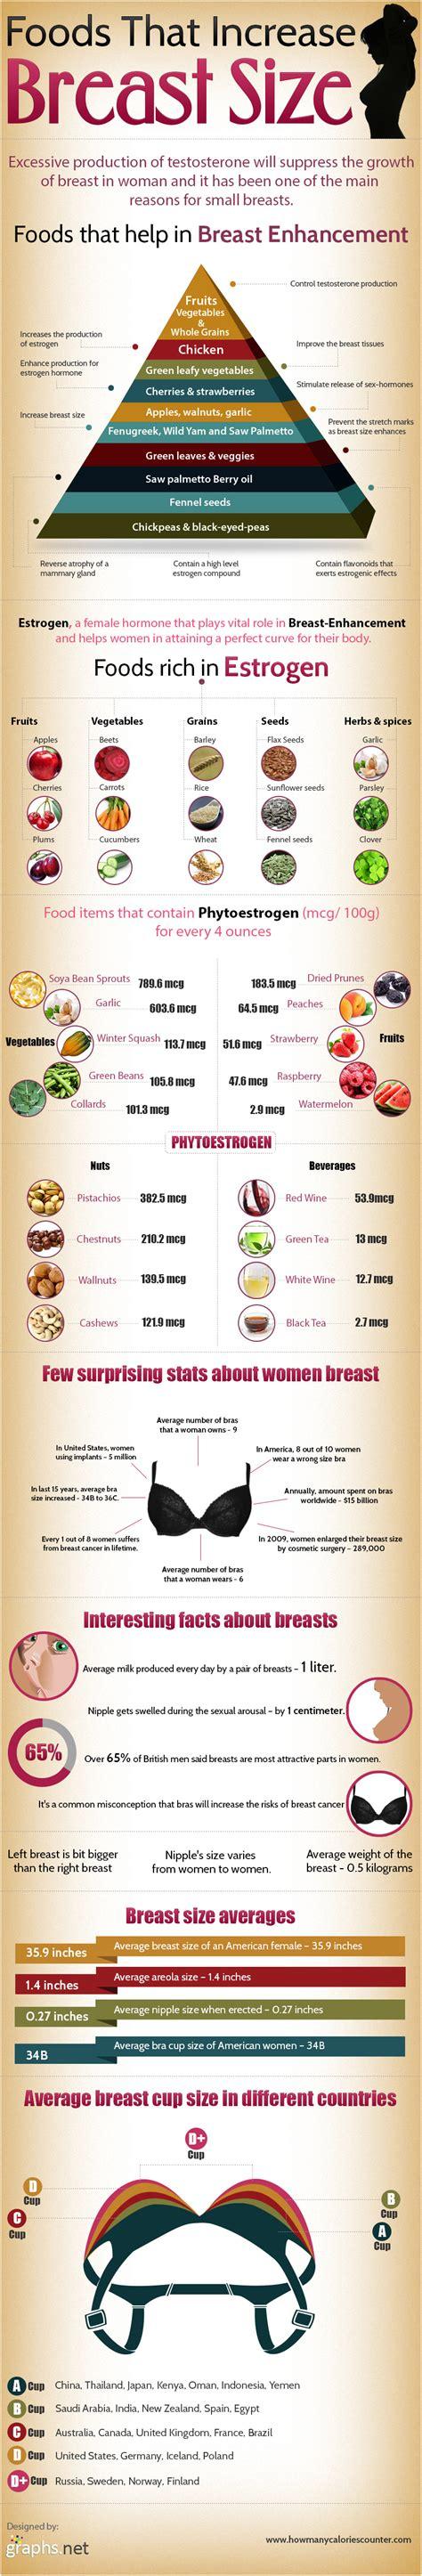 feminize men with progesterone cream feminize men with progesterone cream